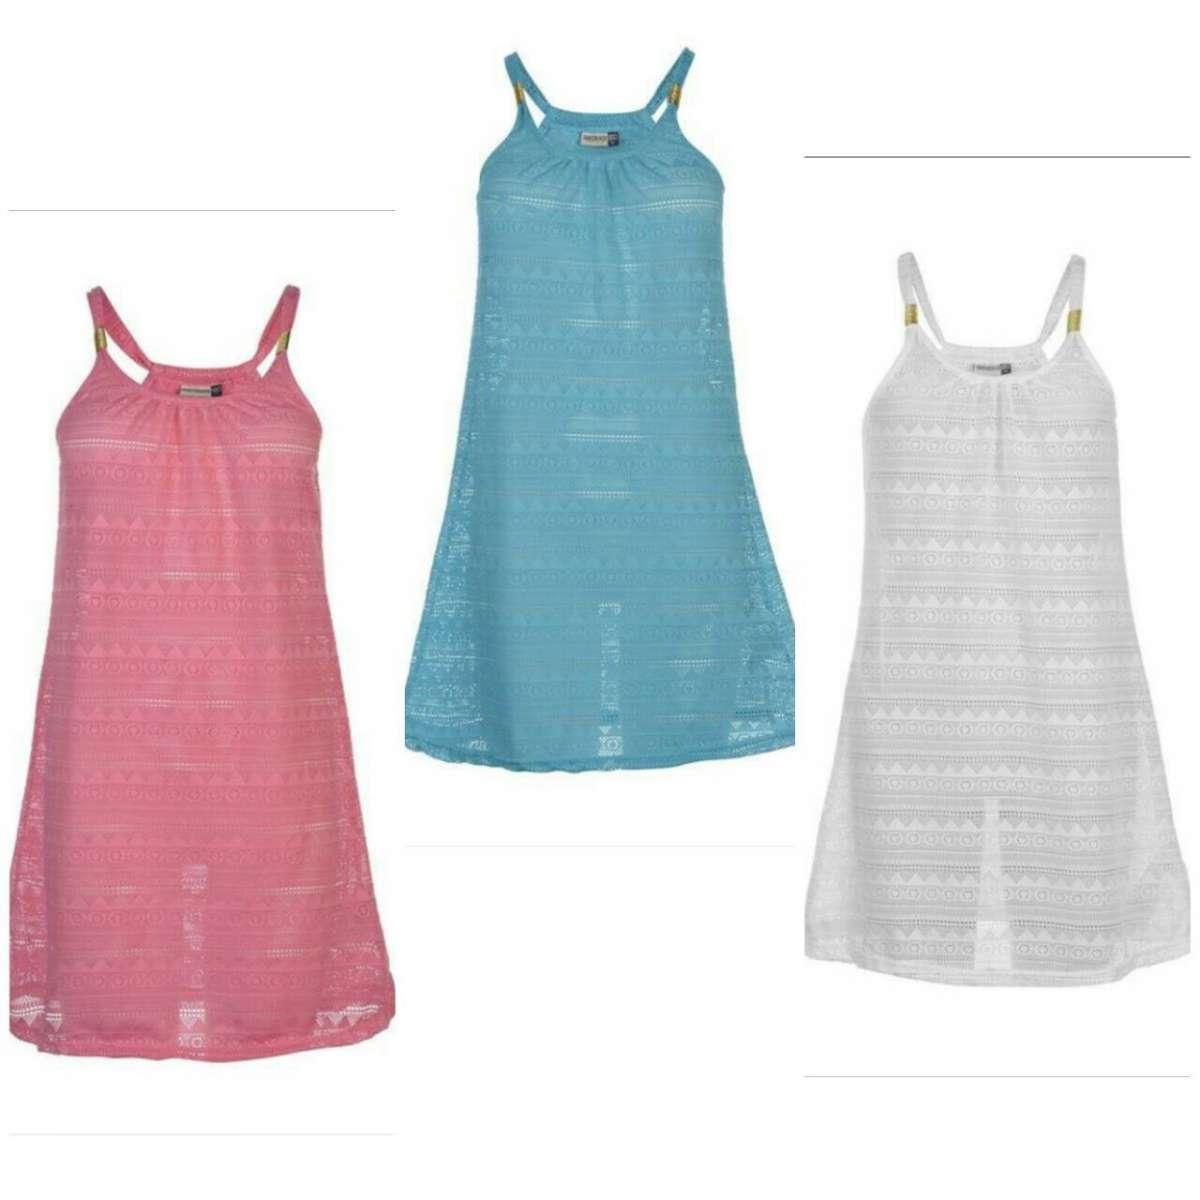 Легкое и практичное пляжное платье (Англия)